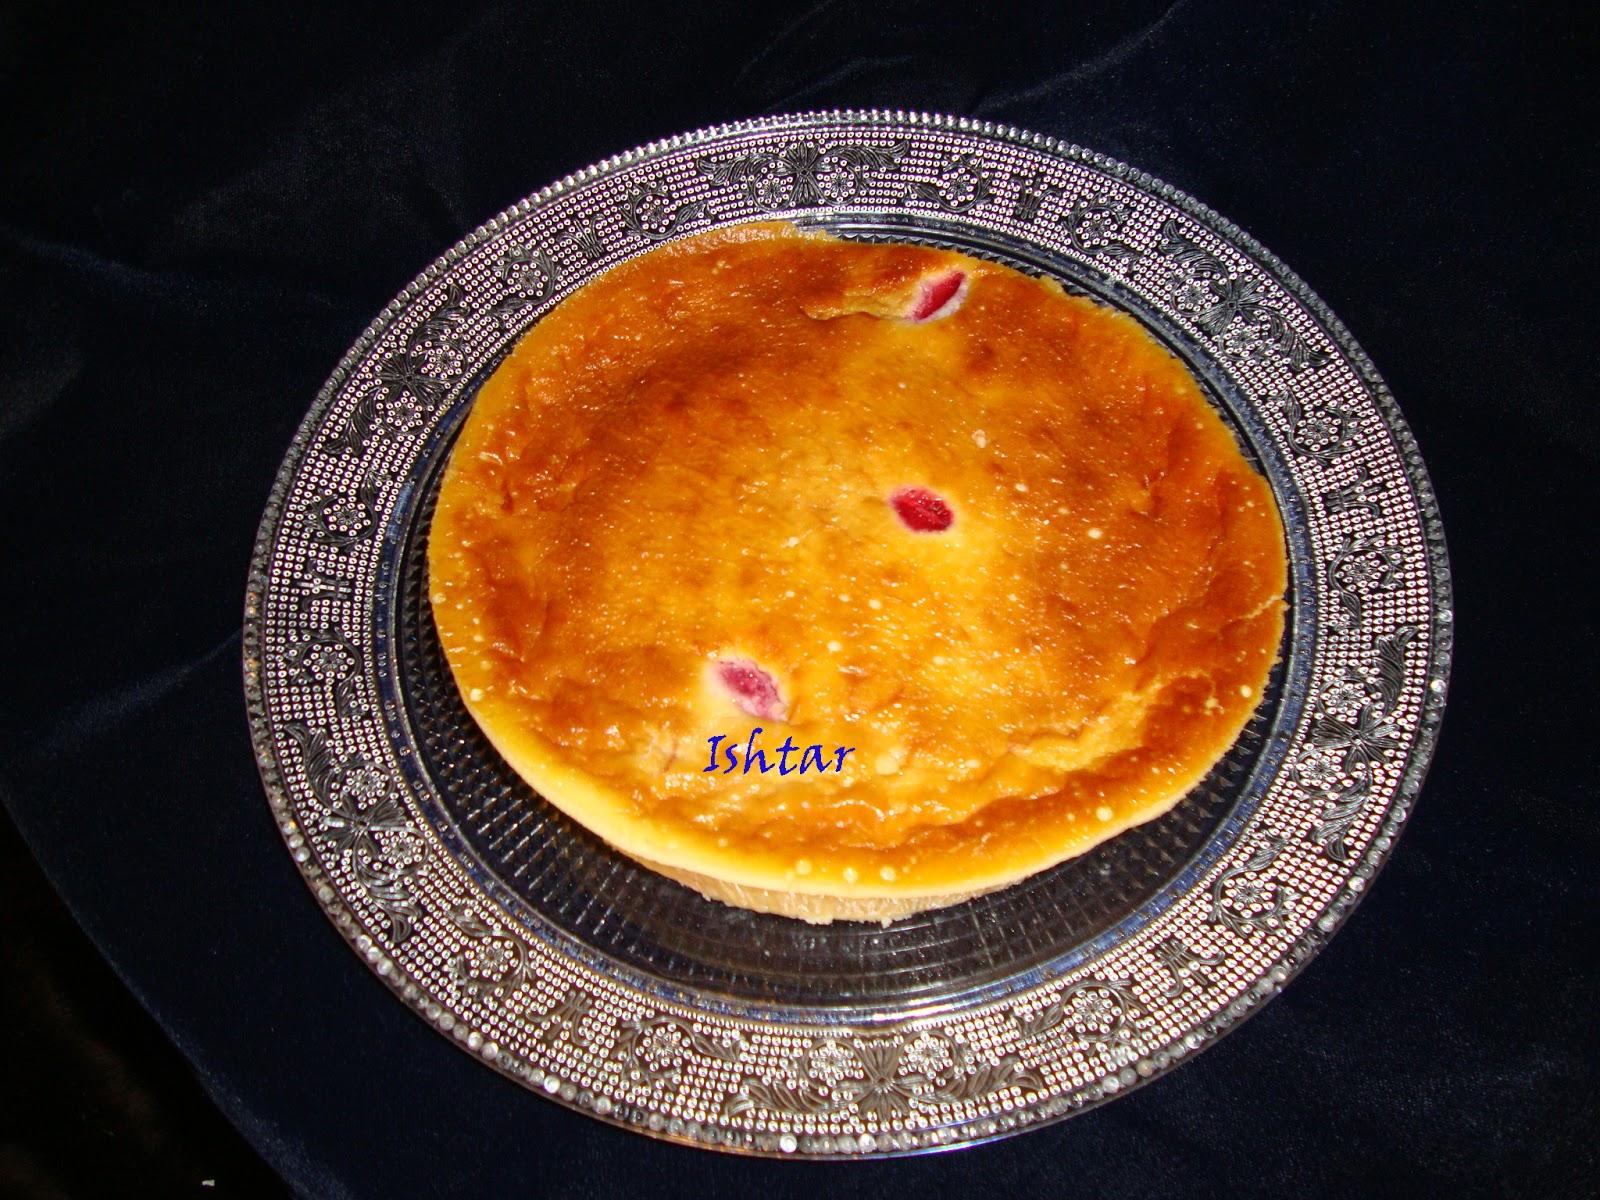 Tarta de queso con alm%C3%ADbar de f